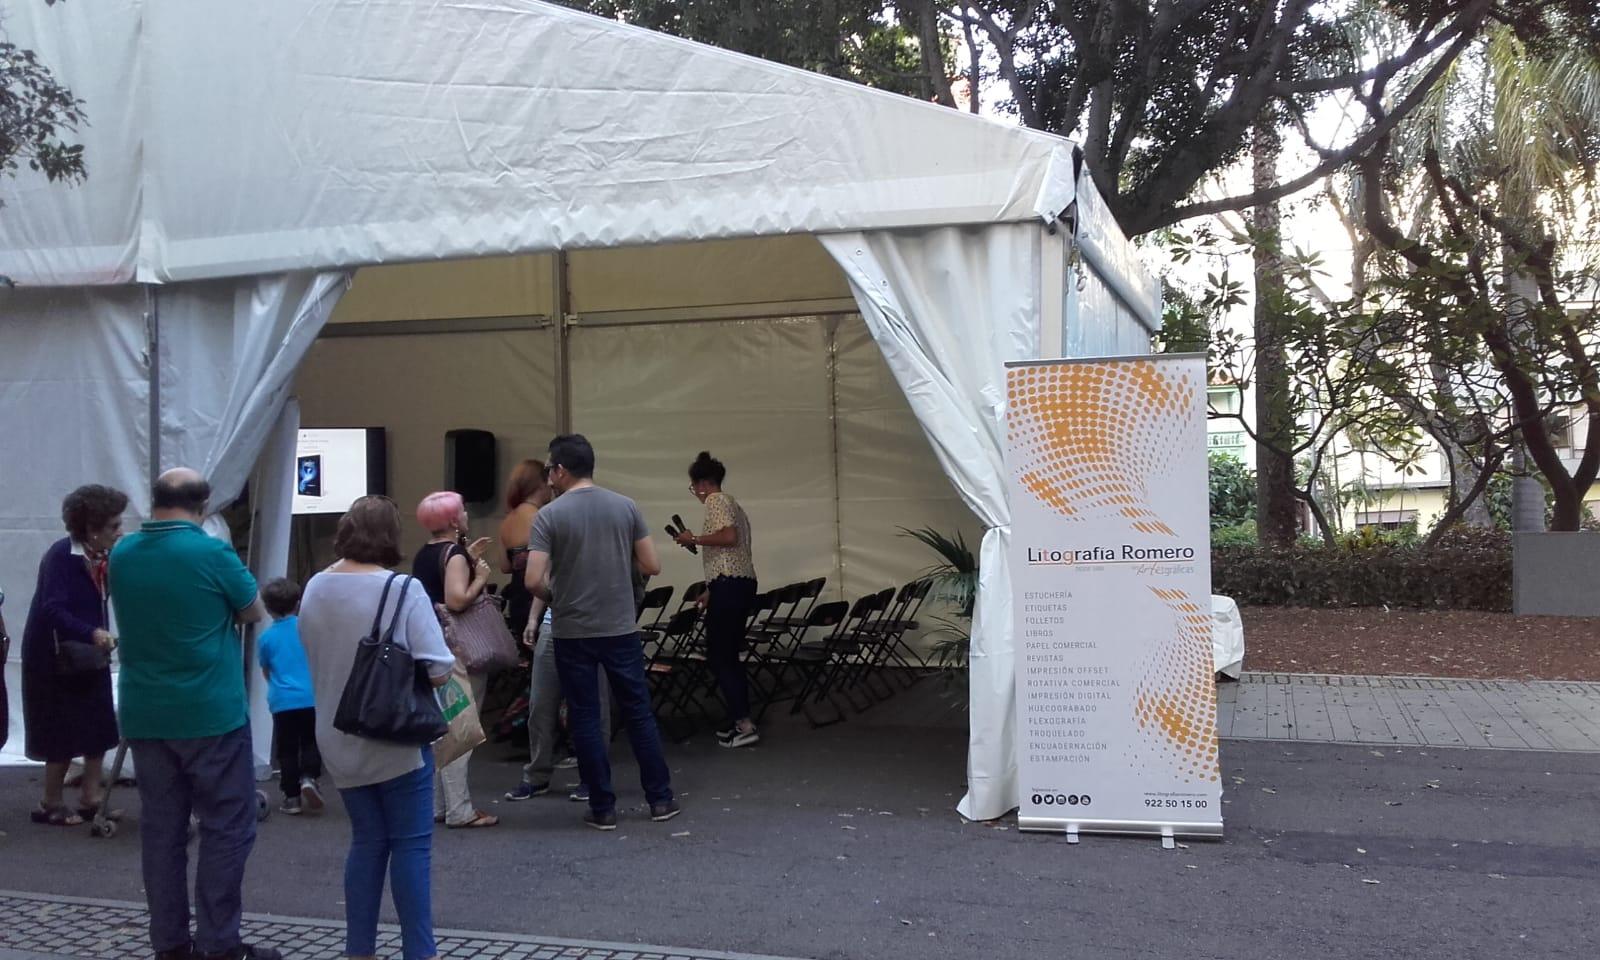 Aumenta la venta de libros en la XXXI Feria del Libro de Santa Cruz de Tenerife